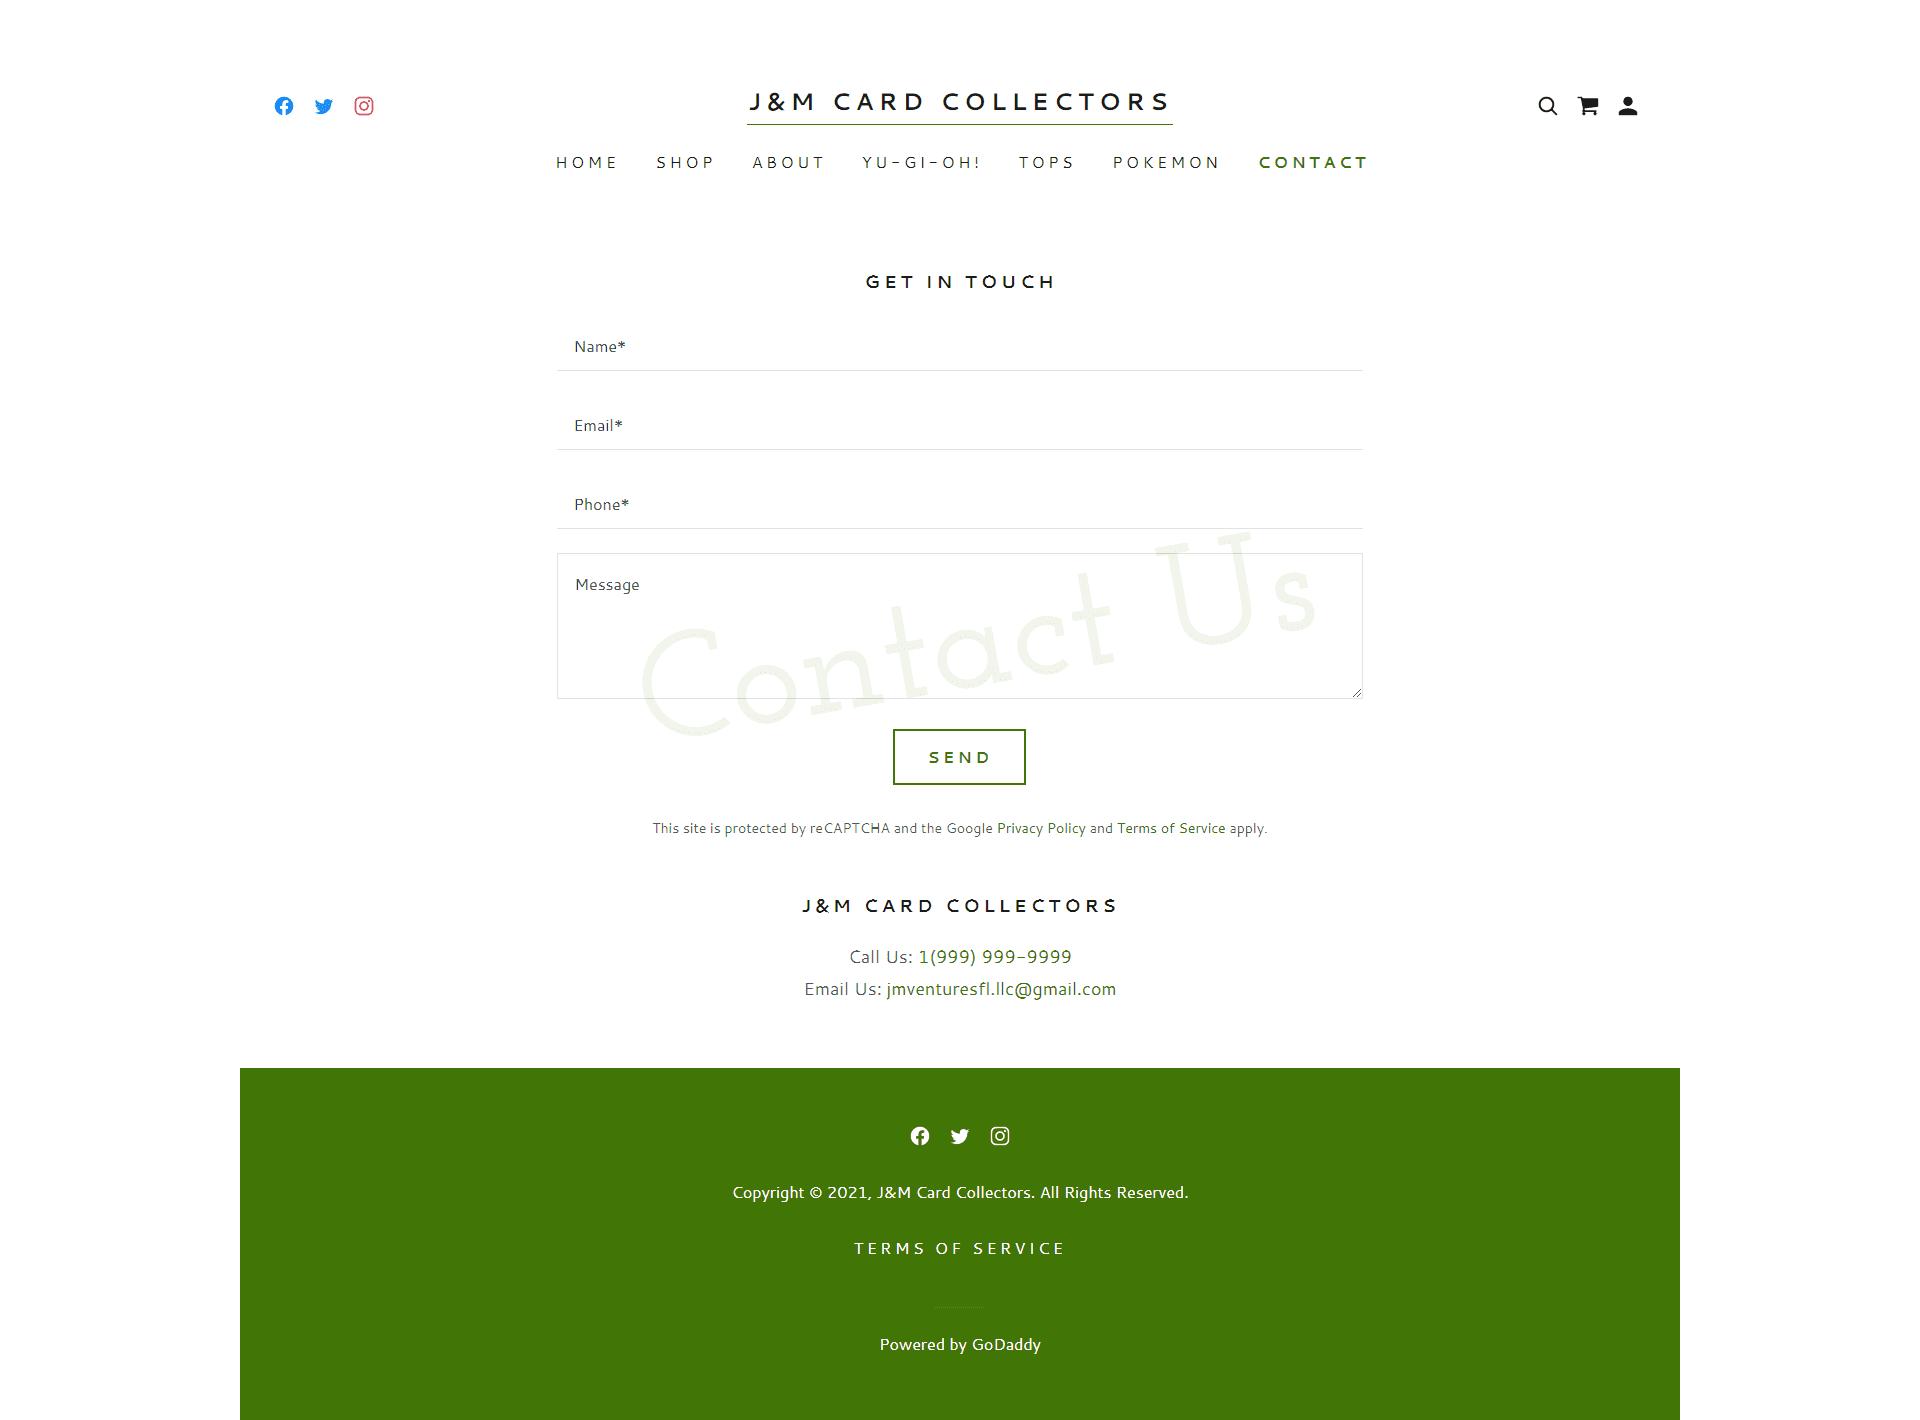 J&M Card Collectors Contact